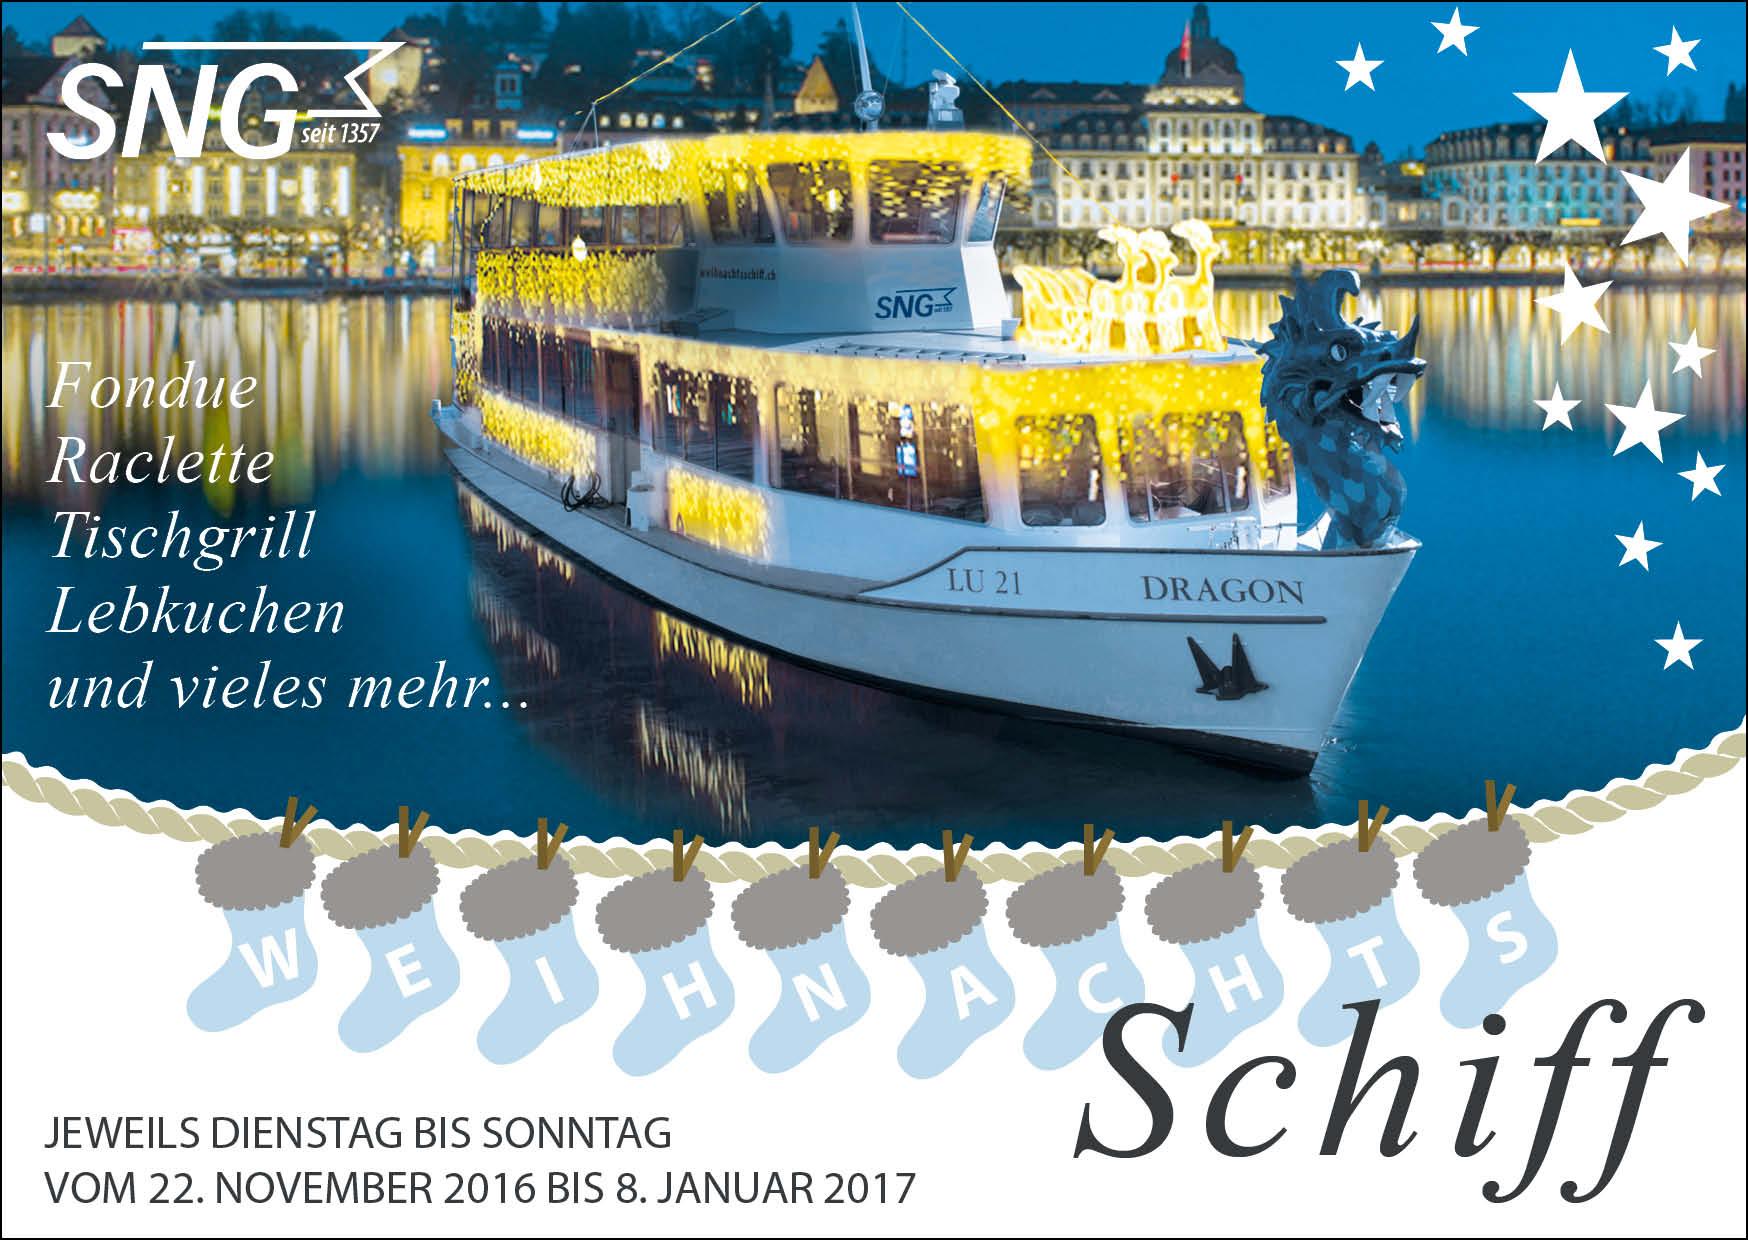 SNG Inserat Weihnachtsschiff 2016